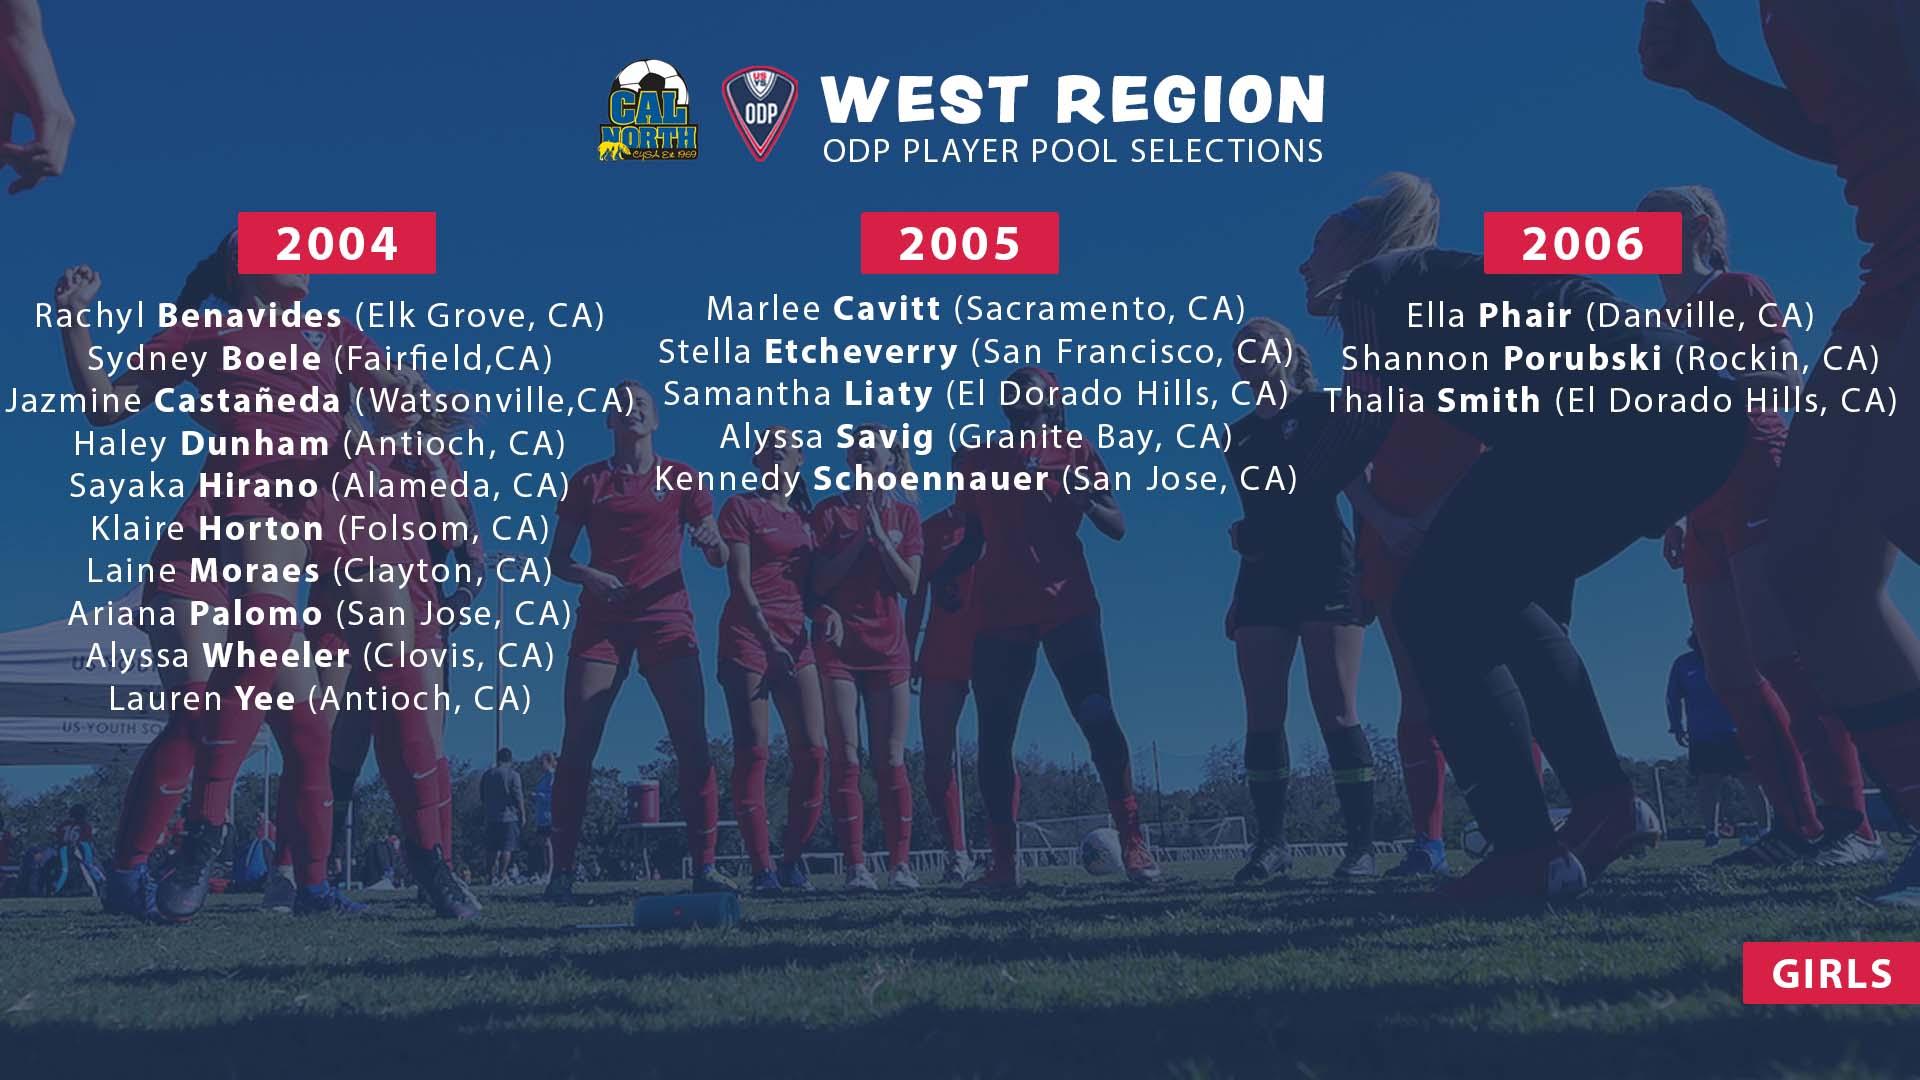 WestRegion04-06Girls